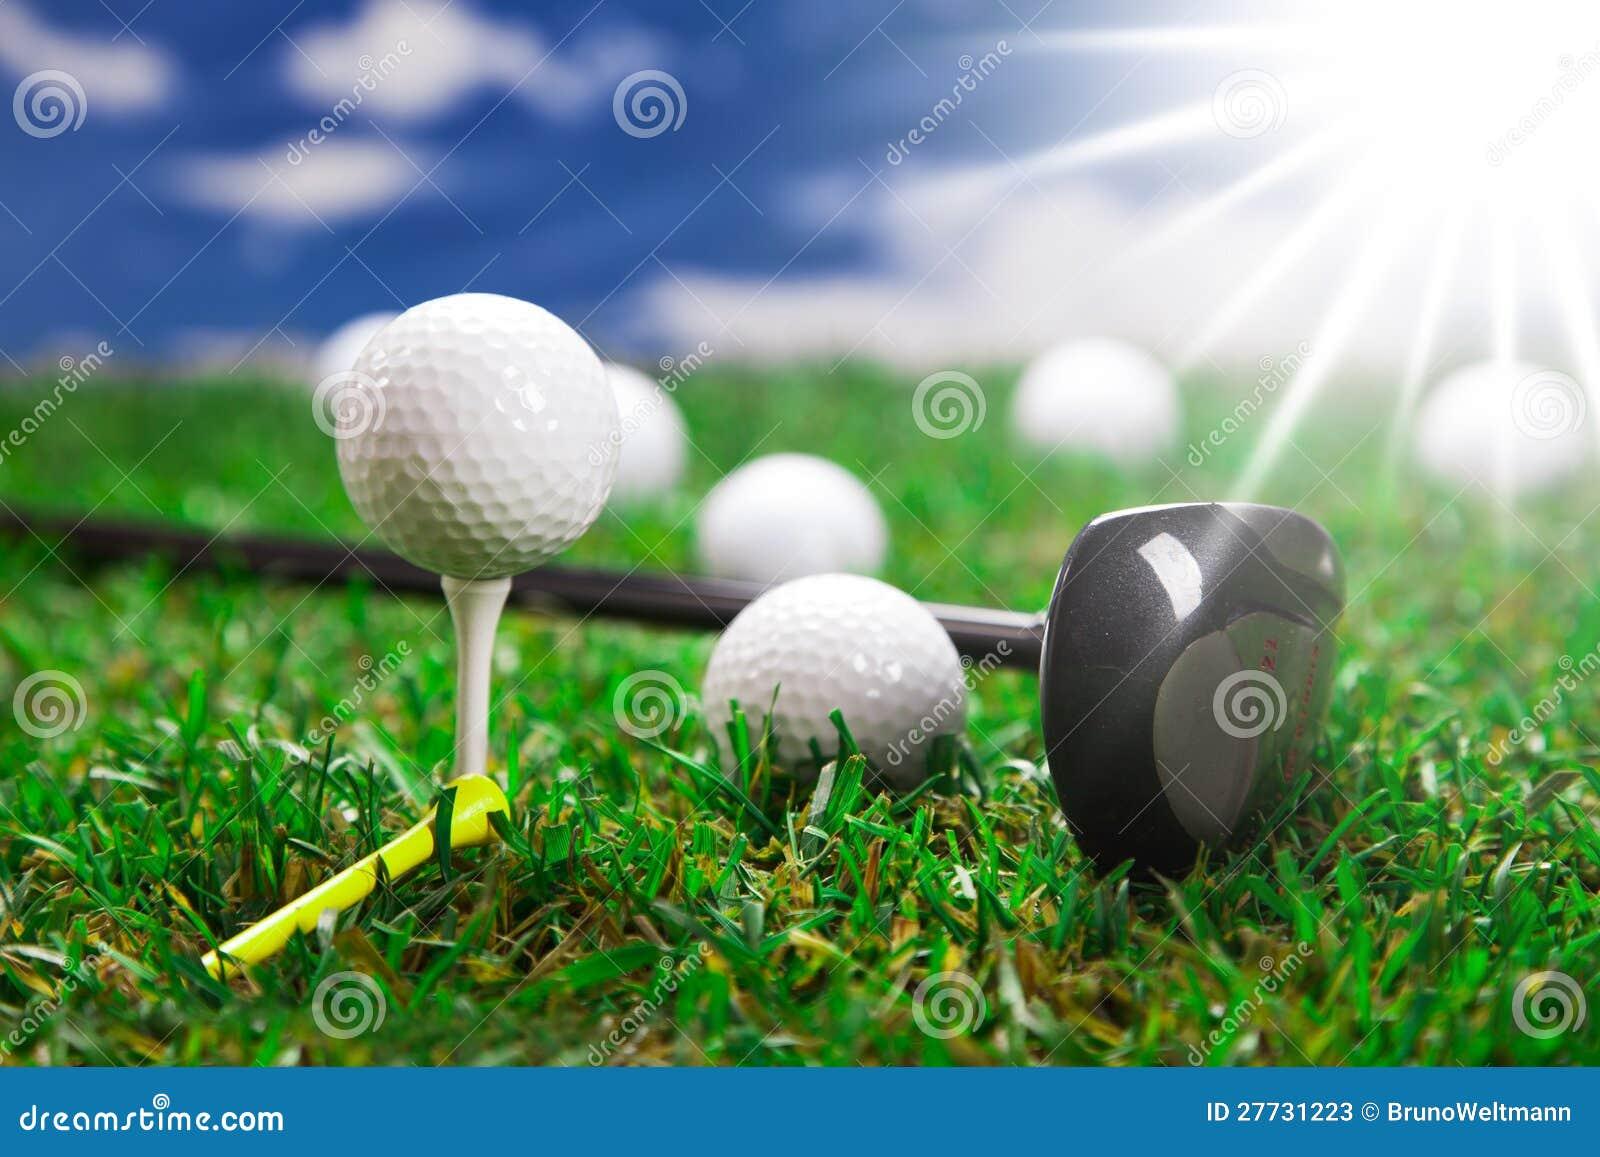 Lassen Sie uns ein Golf spielen!